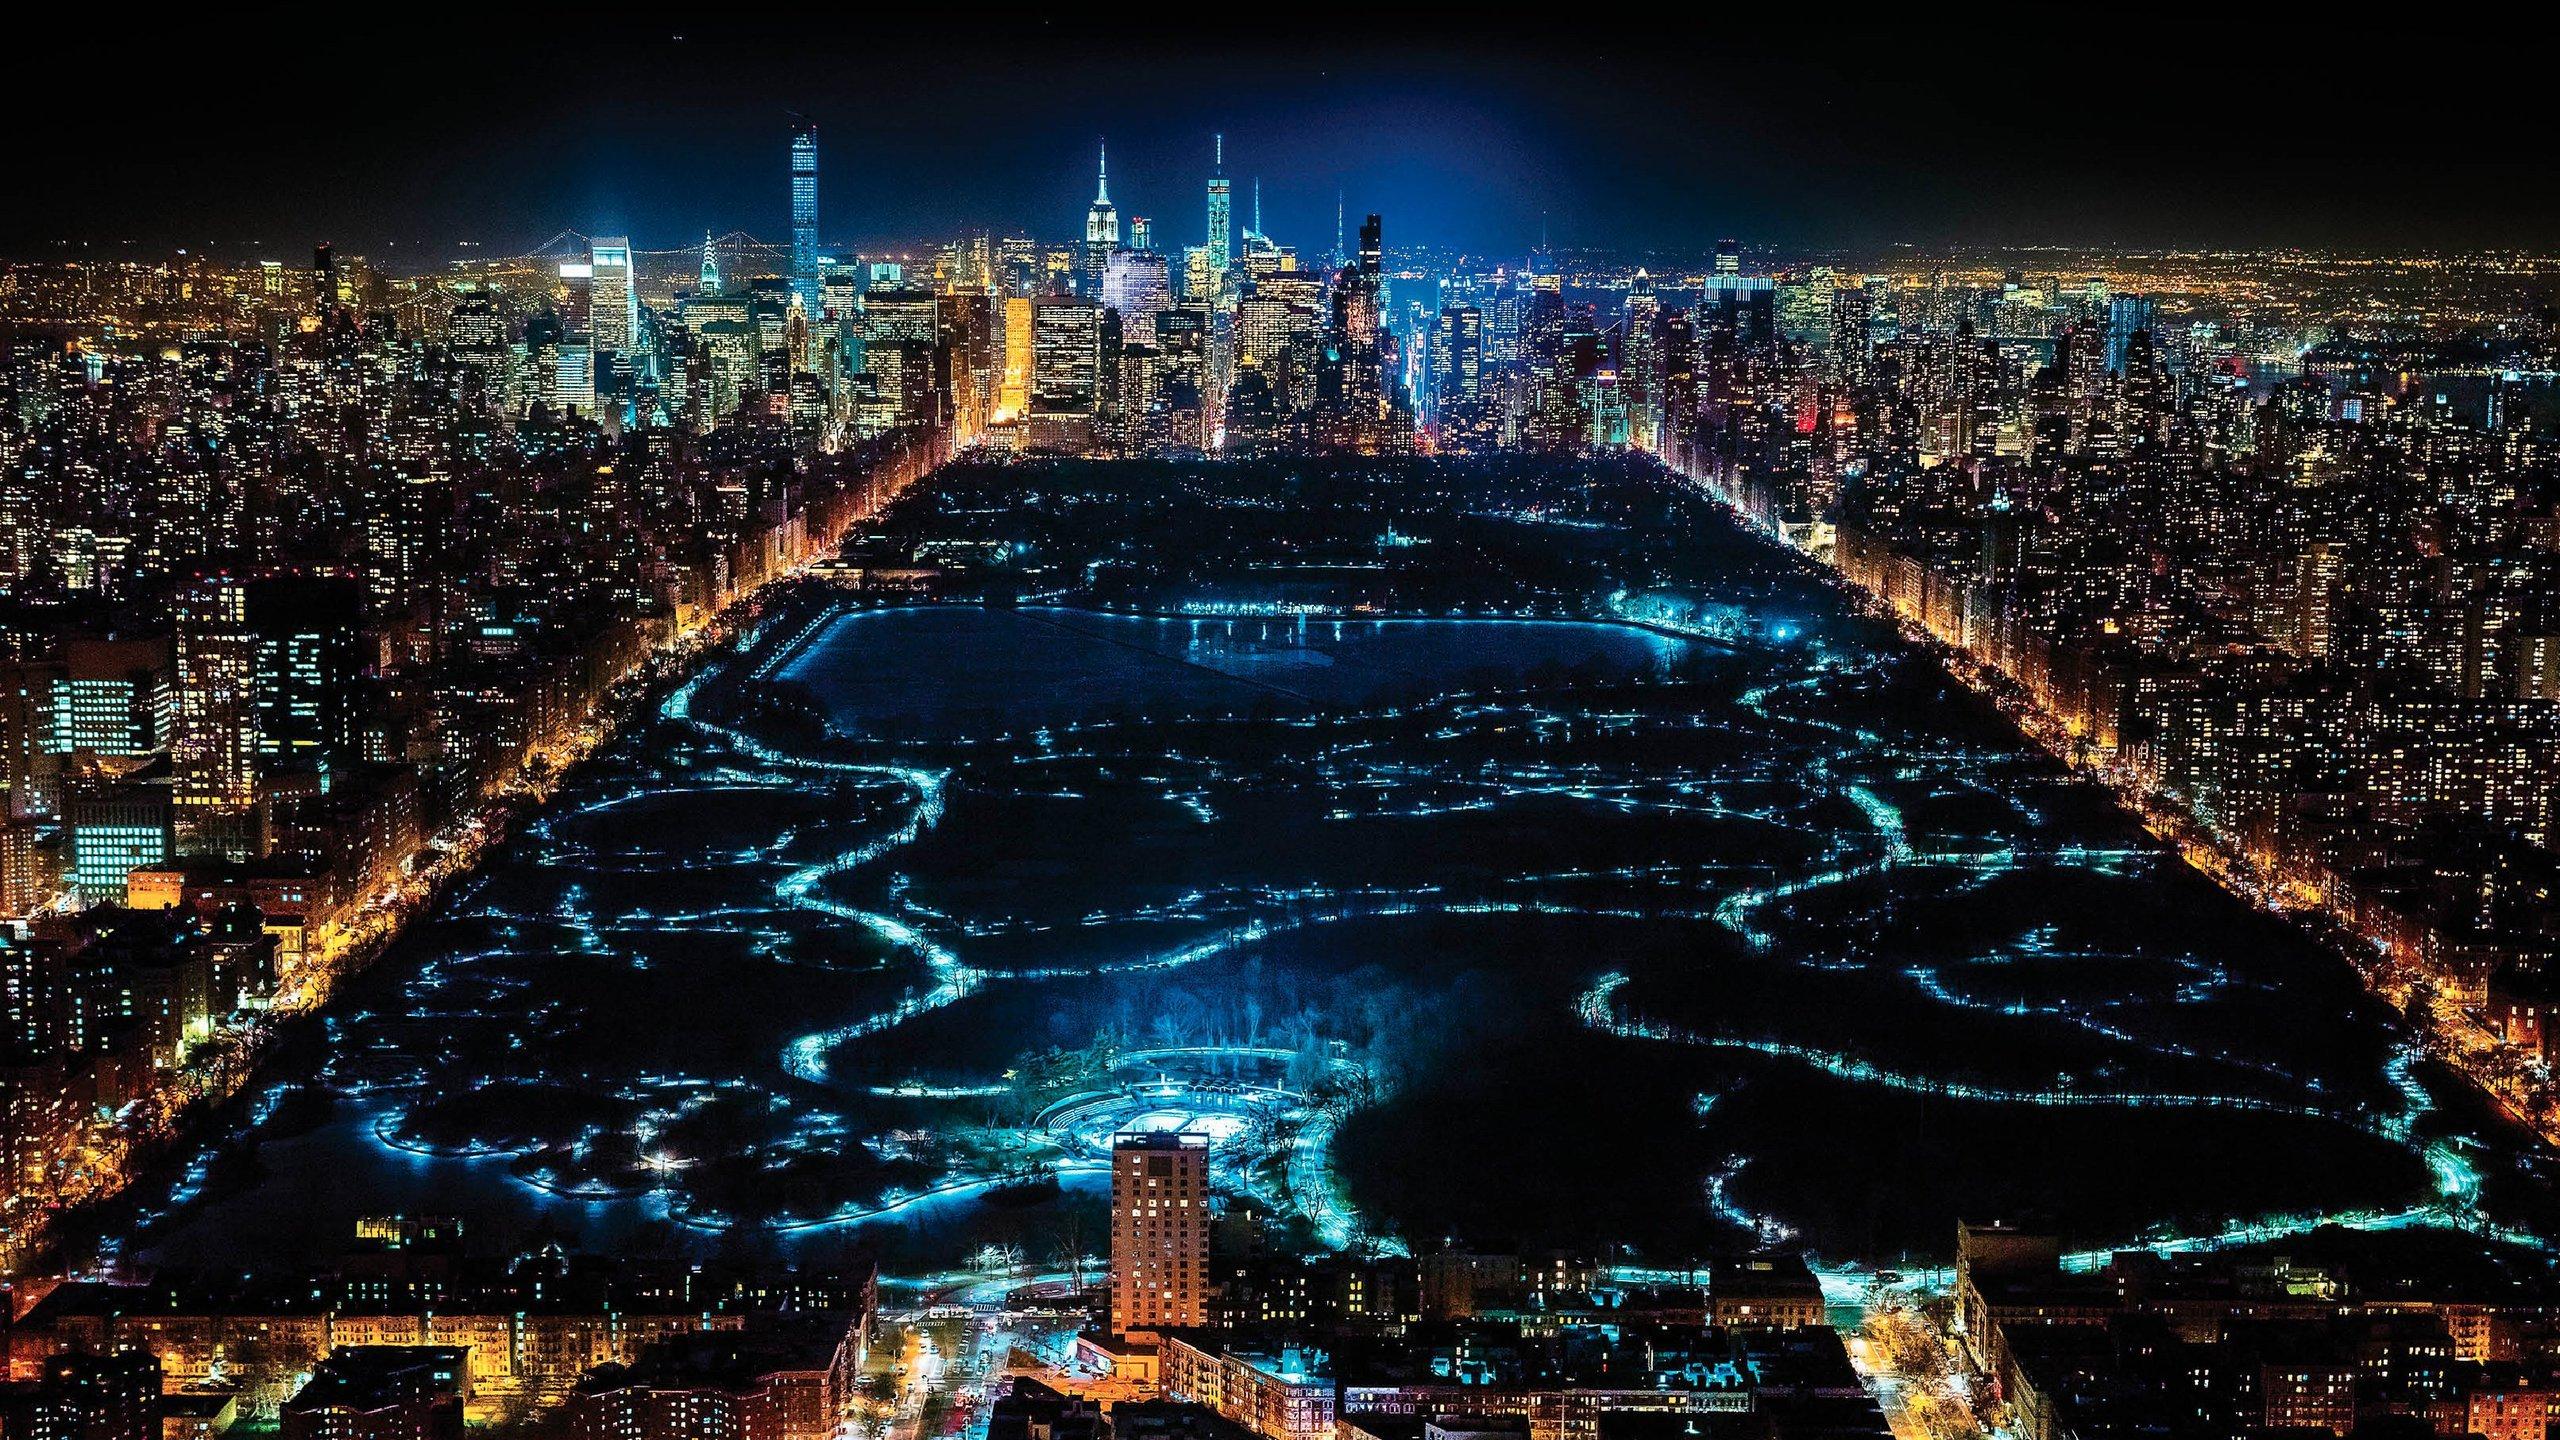 NYC at Night HD wallpaper 2560x1440